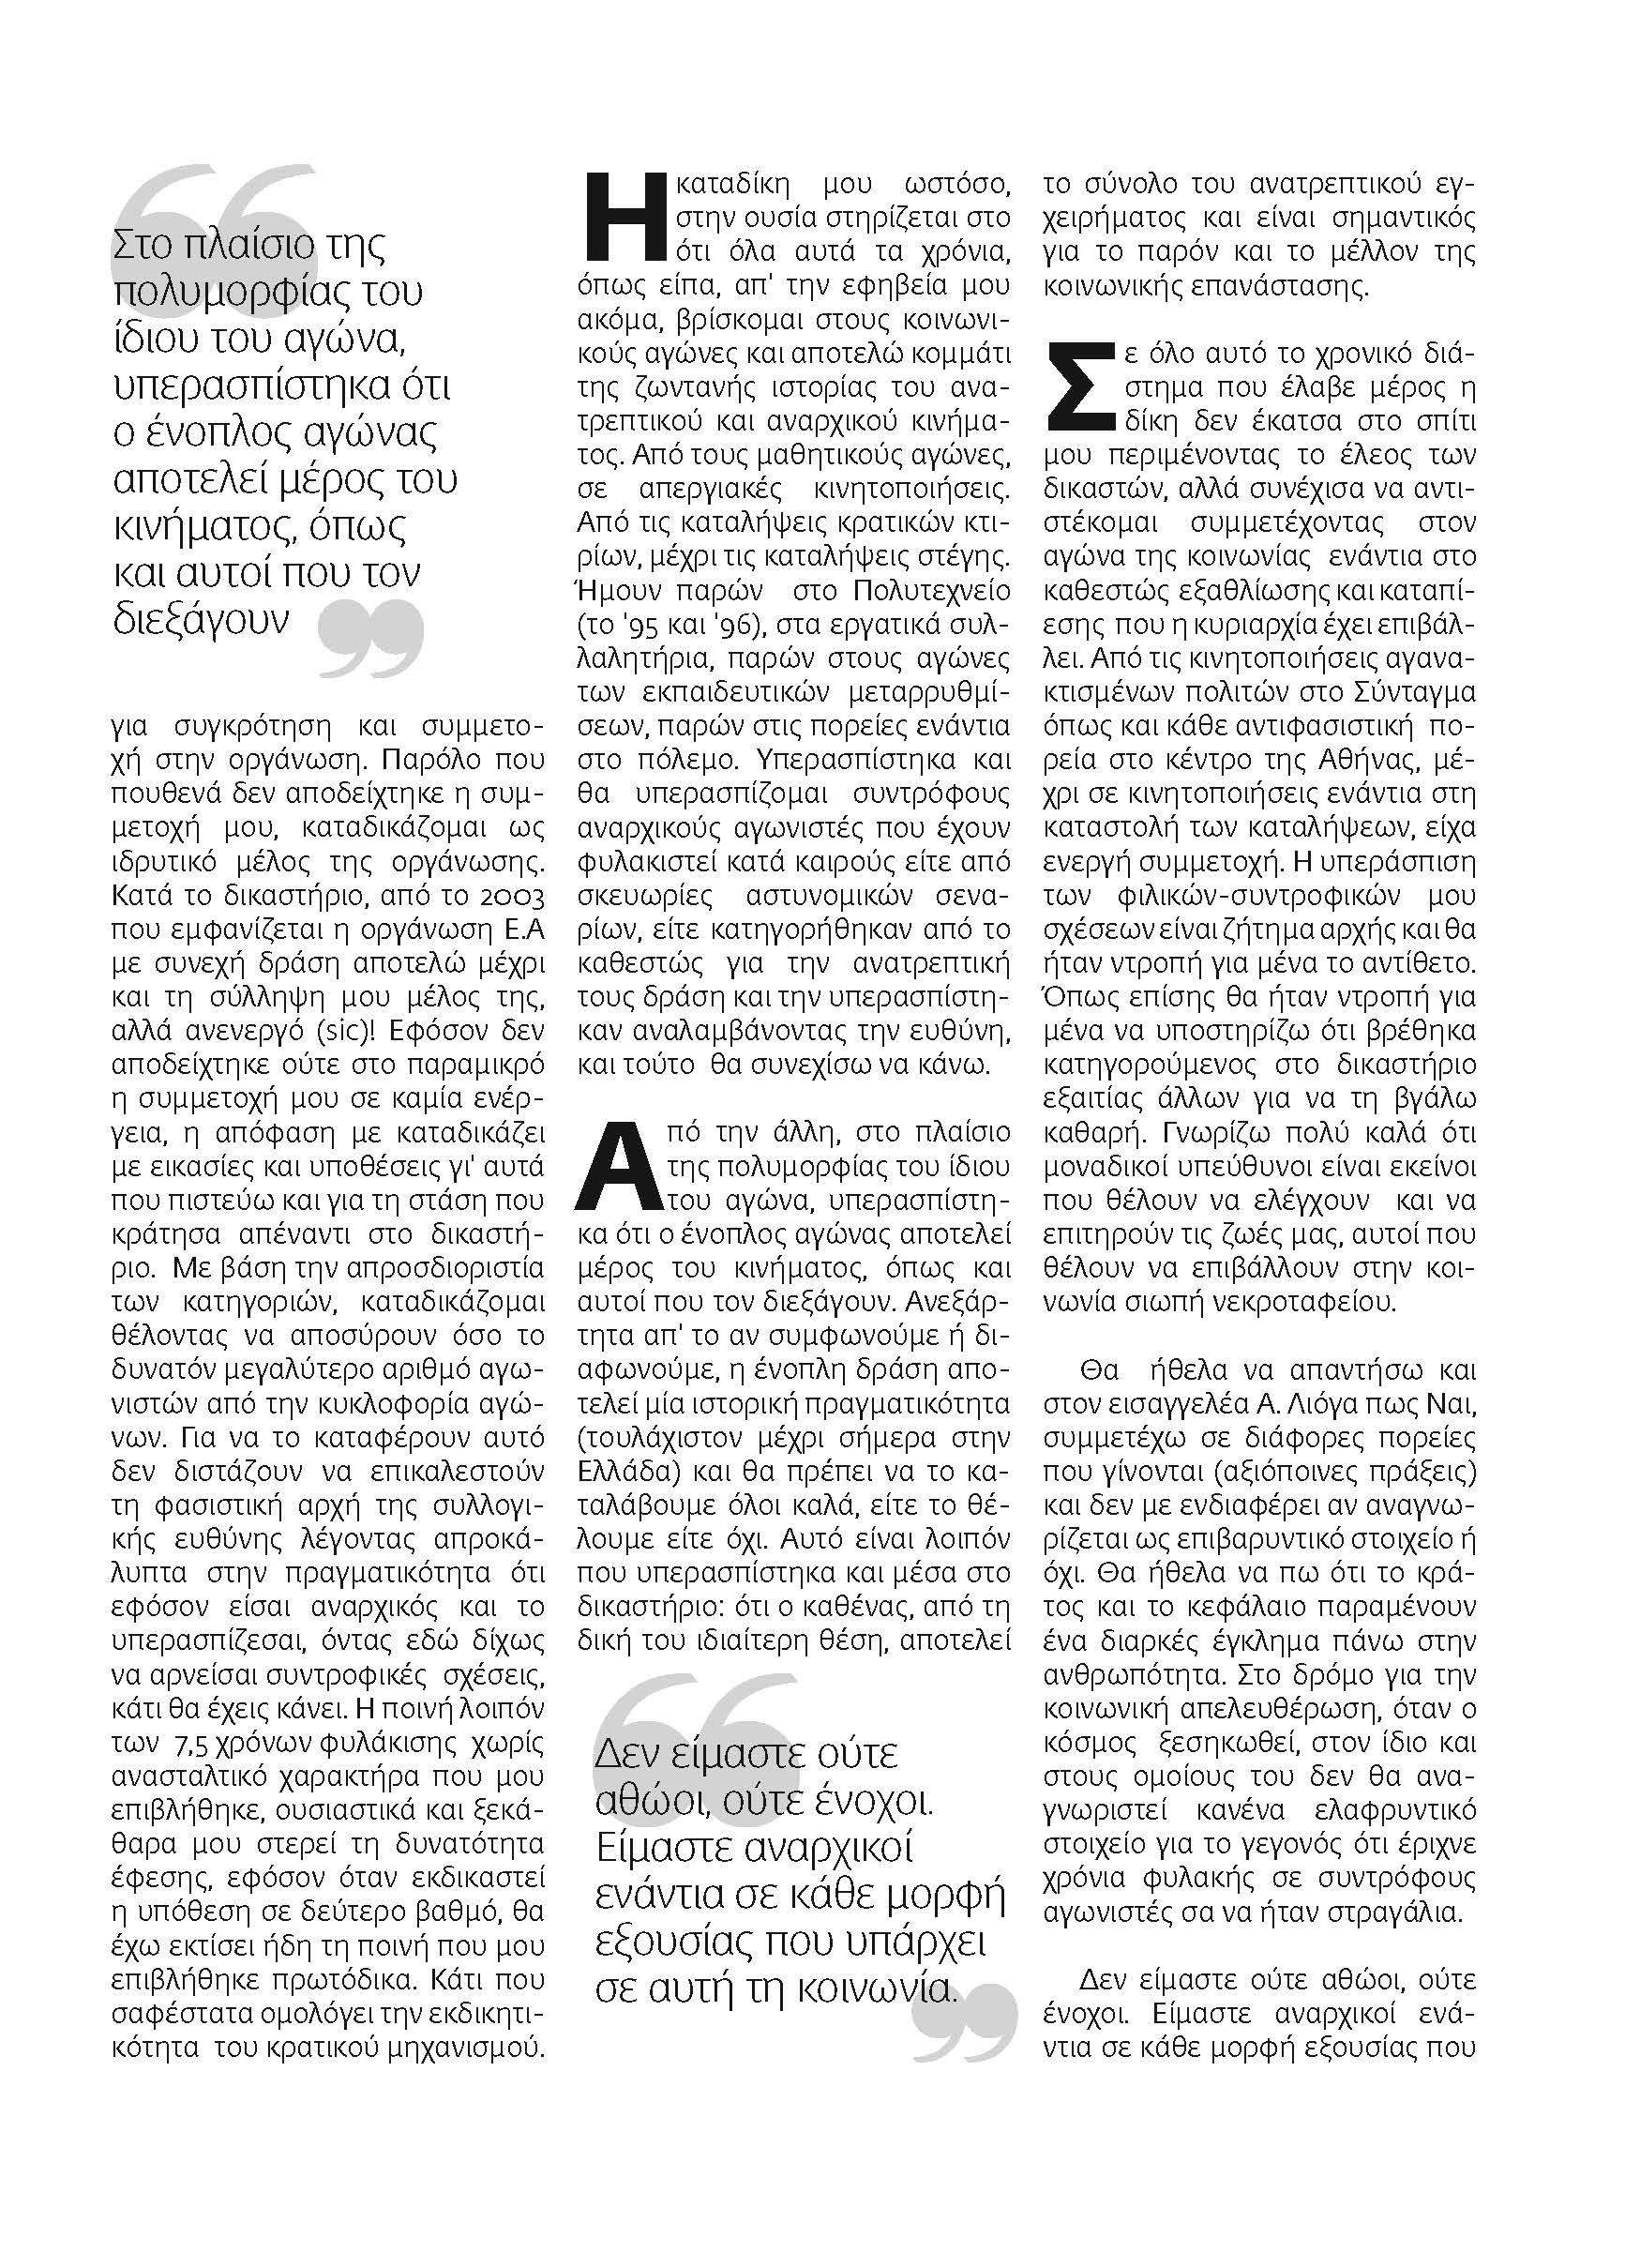 gramma-apo ti-filaki-internet (2)_Page_3